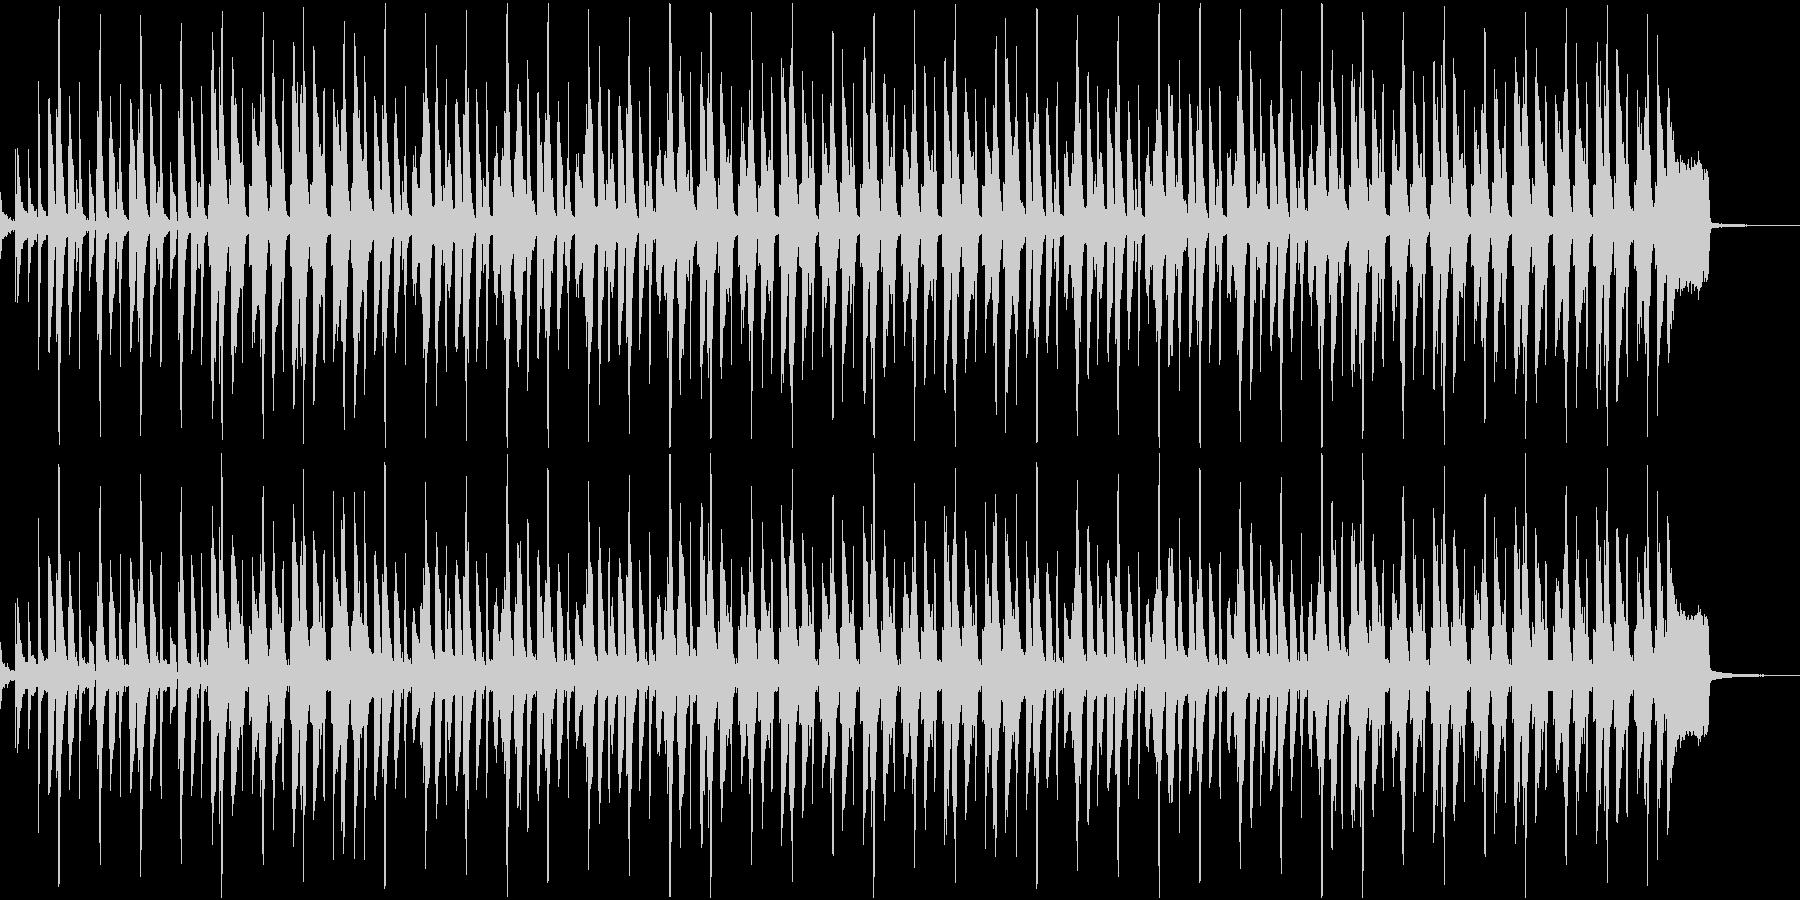 ふてくされているようなイメージのレゲエの未再生の波形